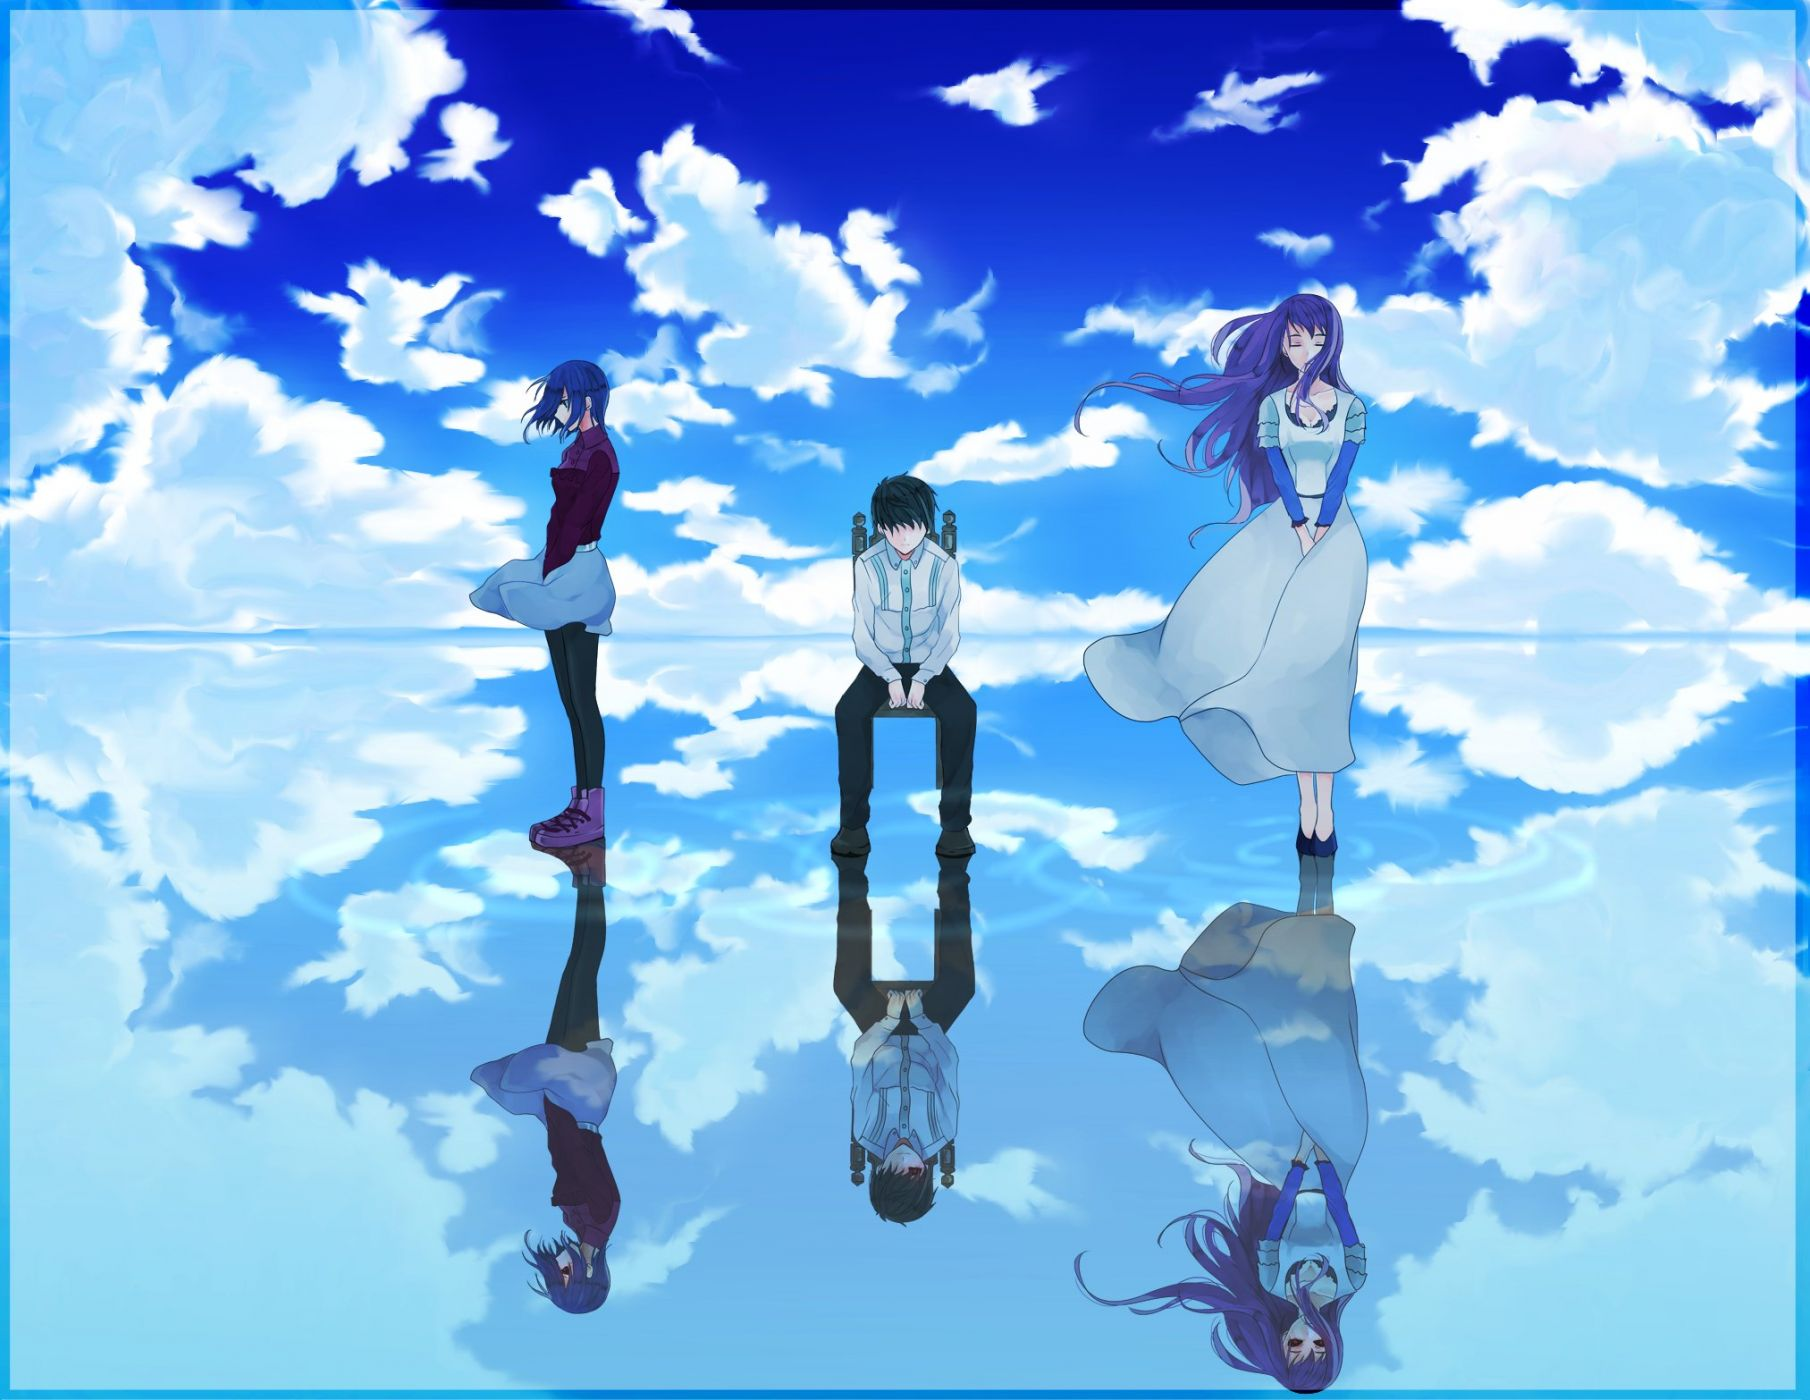 Ảnh nền anime đẹp và độc